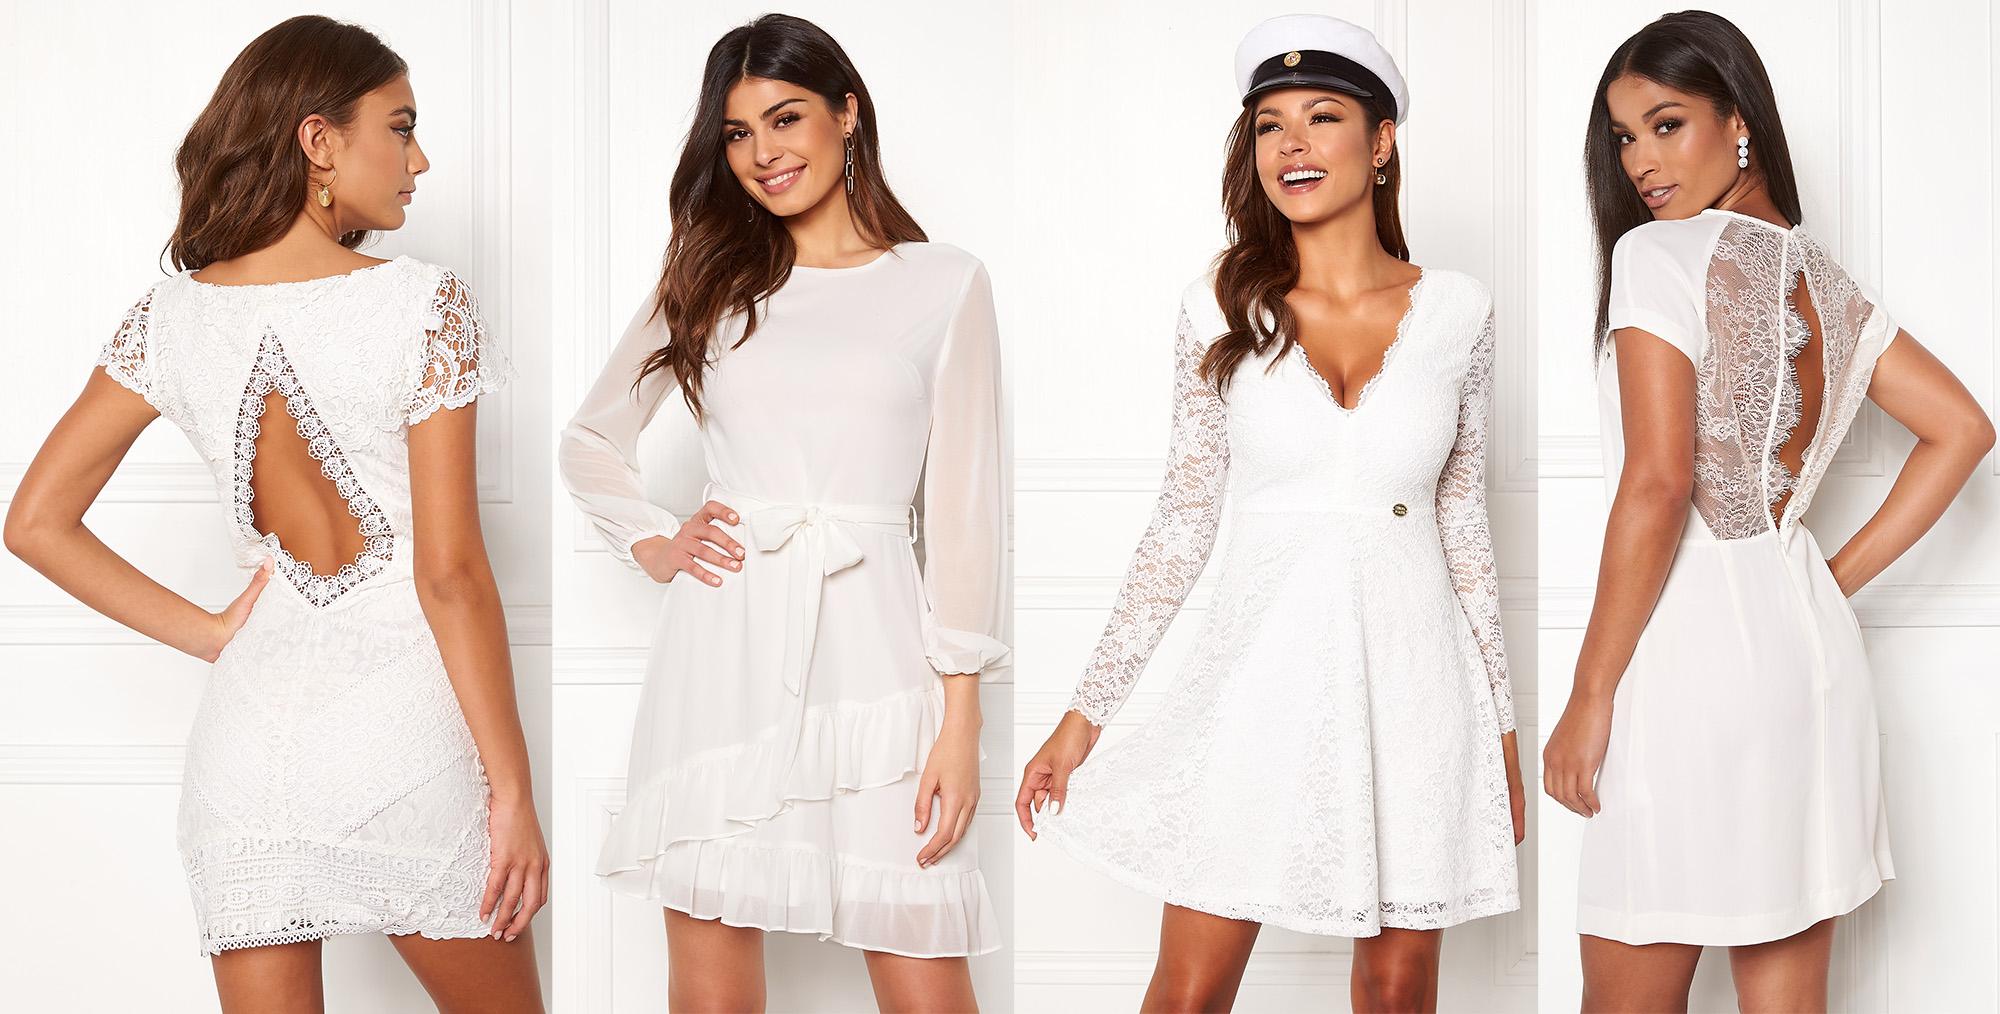 studentklänningar 2019 studenten vita klänningar med spets